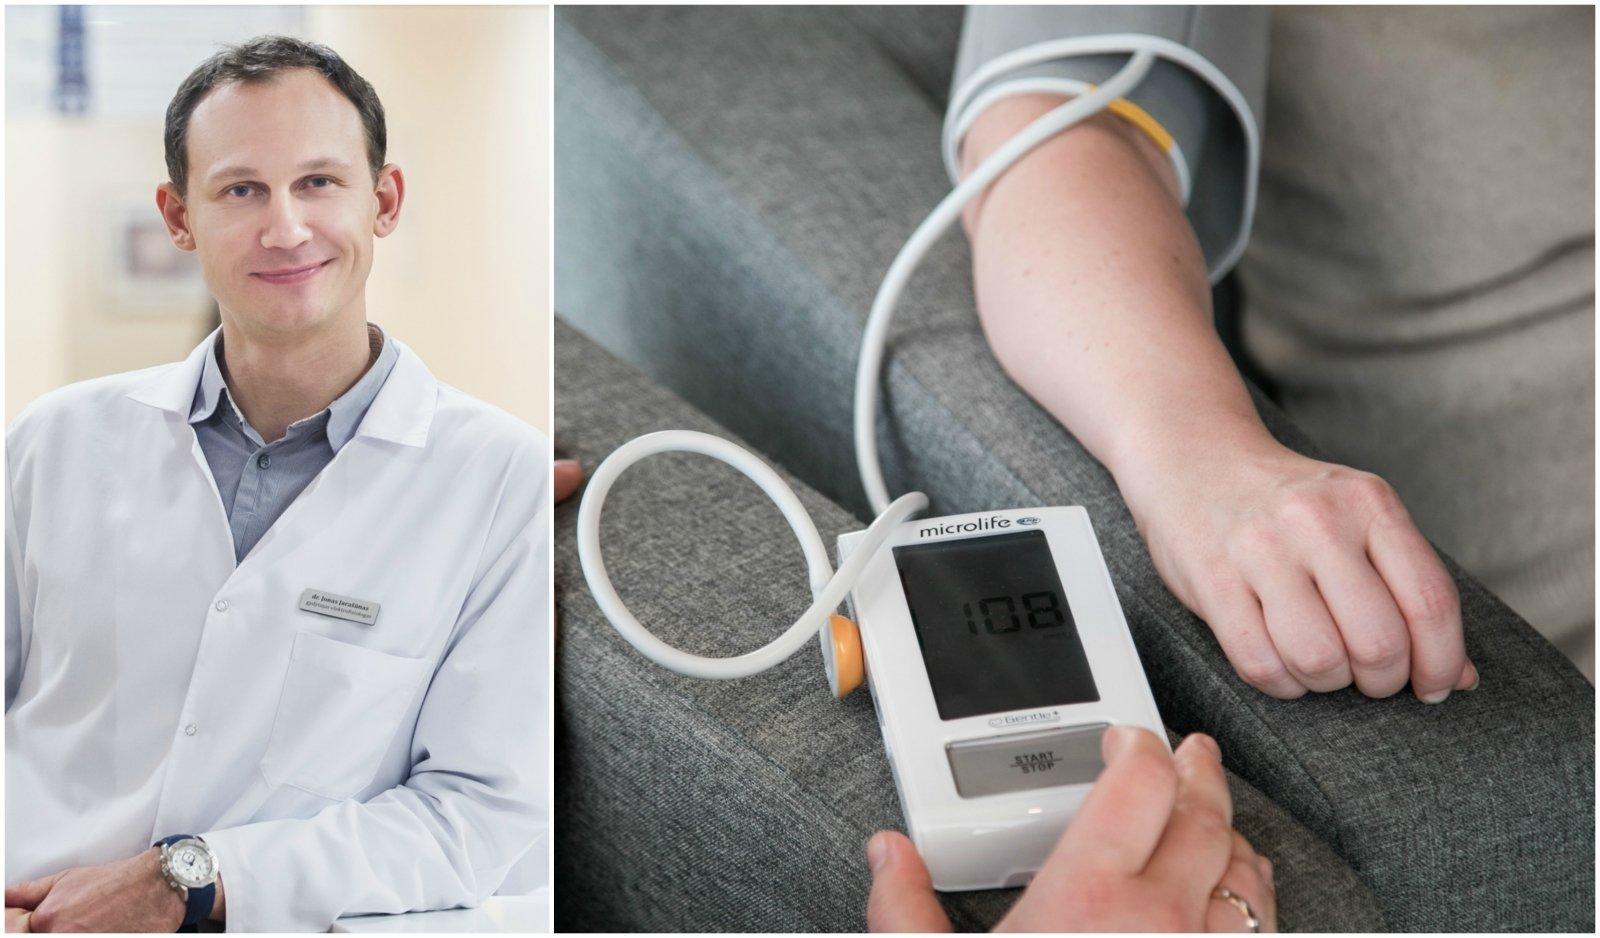 hipertenzija 1 laipsnio lengva pratimų, skirtų numesti svorį su hipertenzija, rinkinys